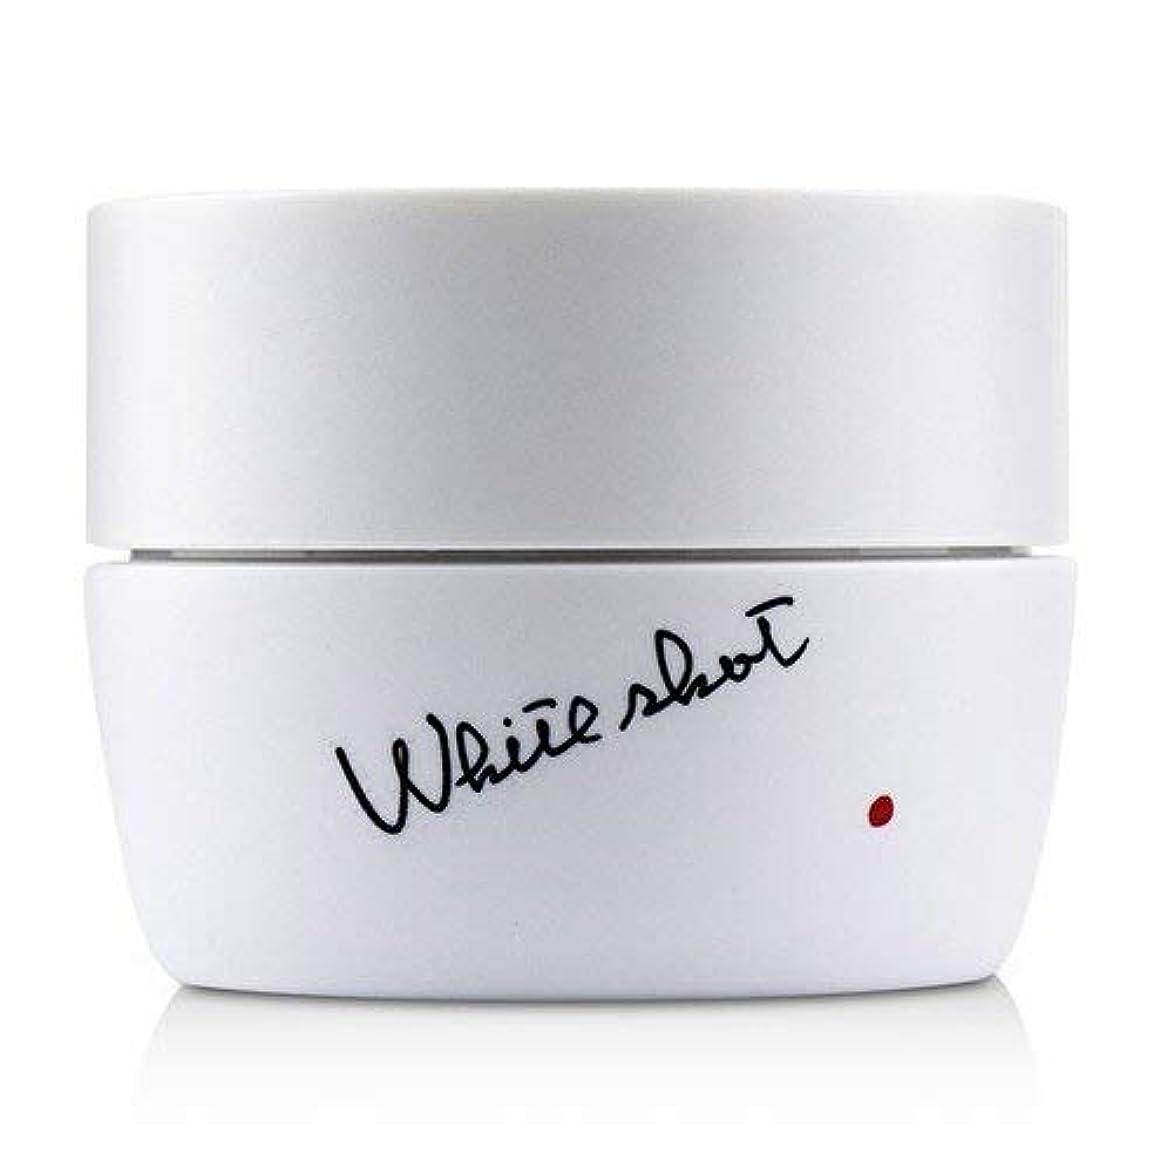 アヒルミント一方、pola ホワイトショットRXS 新商品